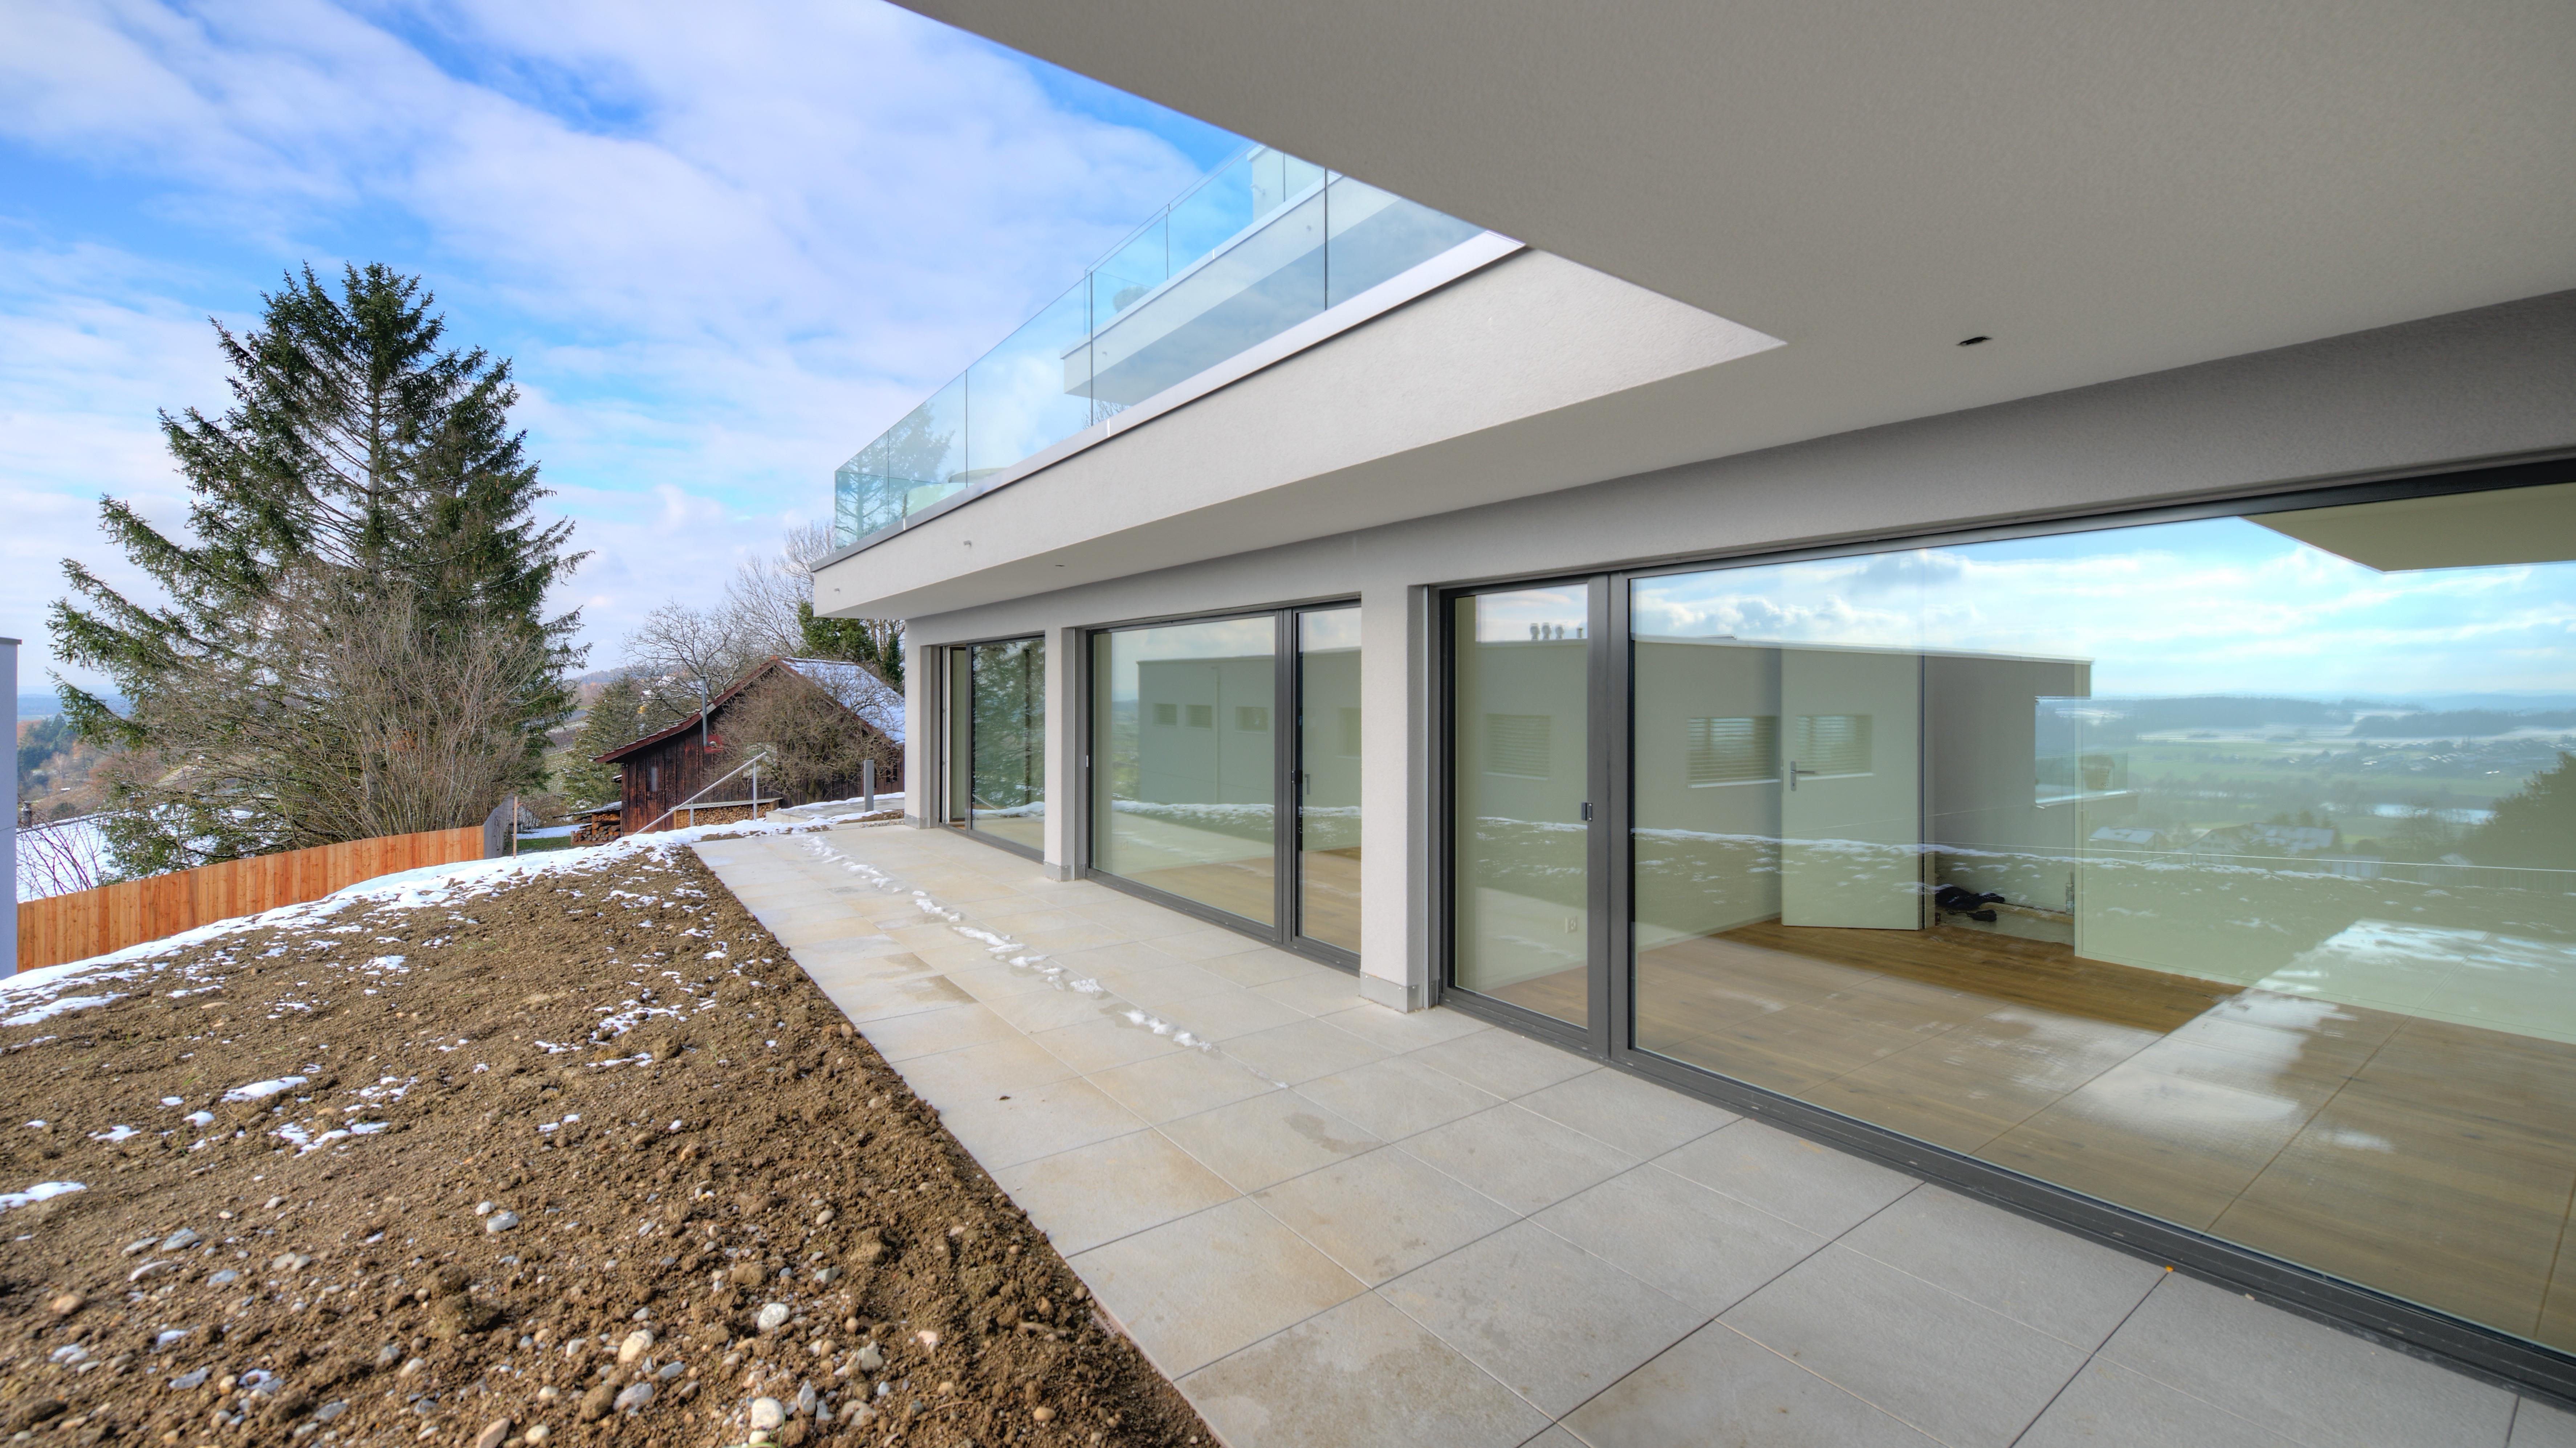 Terrasse mit den Zimmern